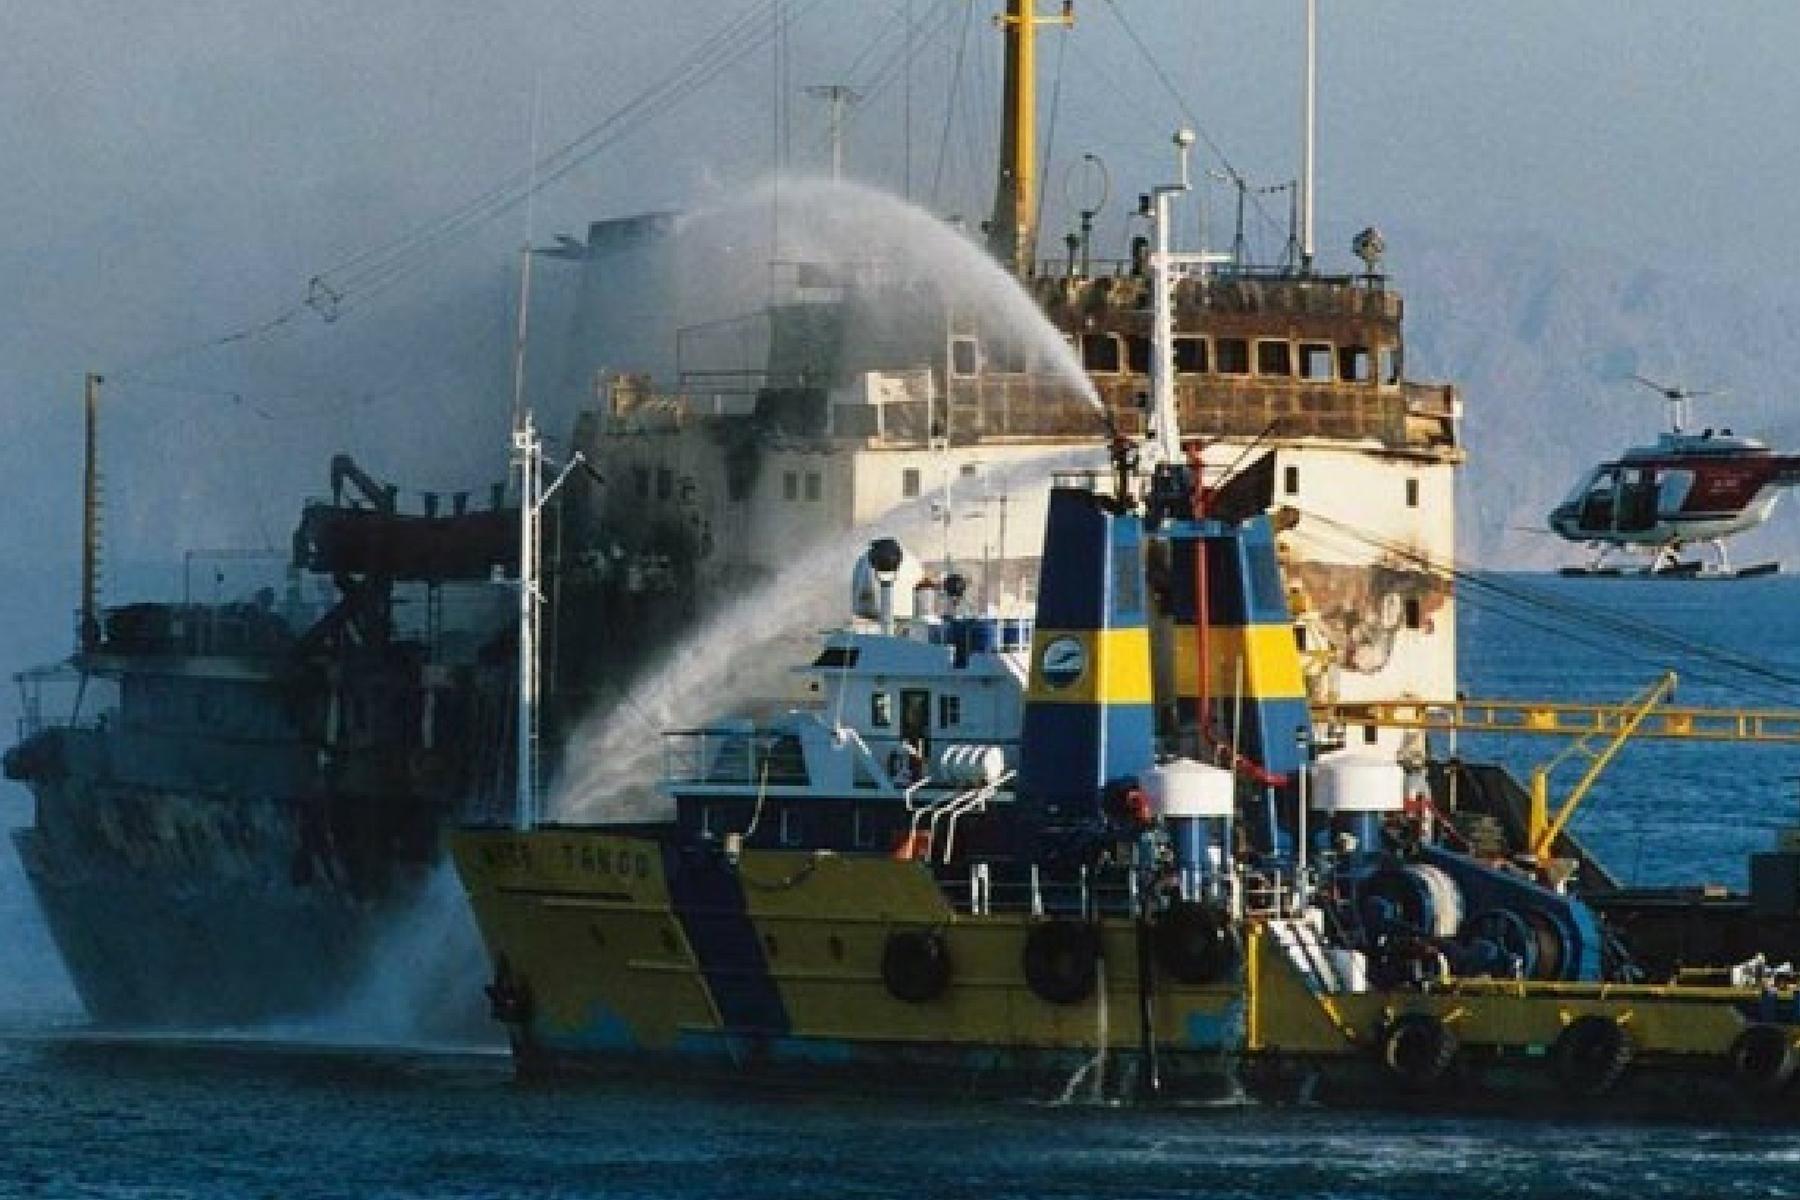 23.11.1987 - Cargoul romanescu FUNDULEA si remorcherul NICE TANGO